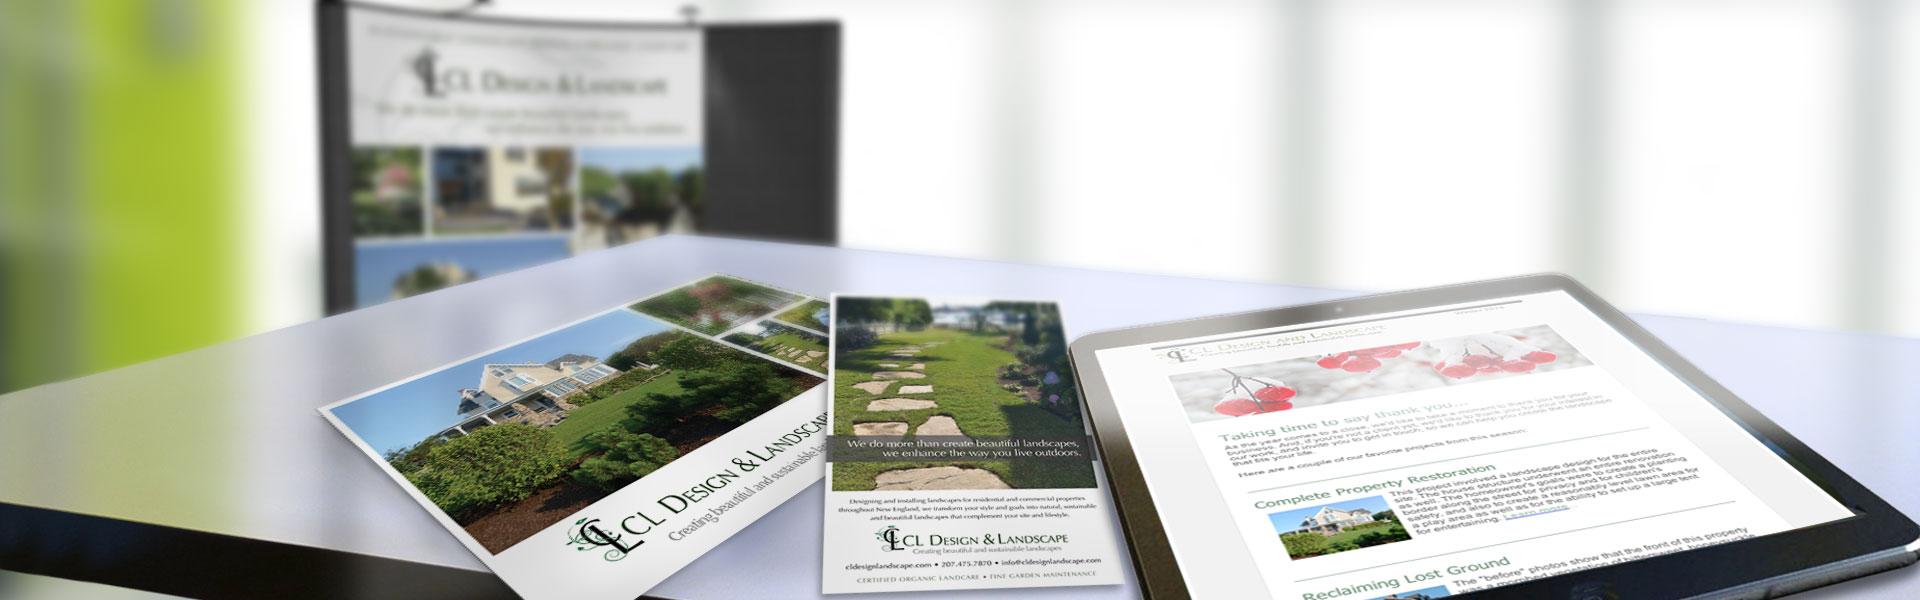 CL Design Landscape promotions